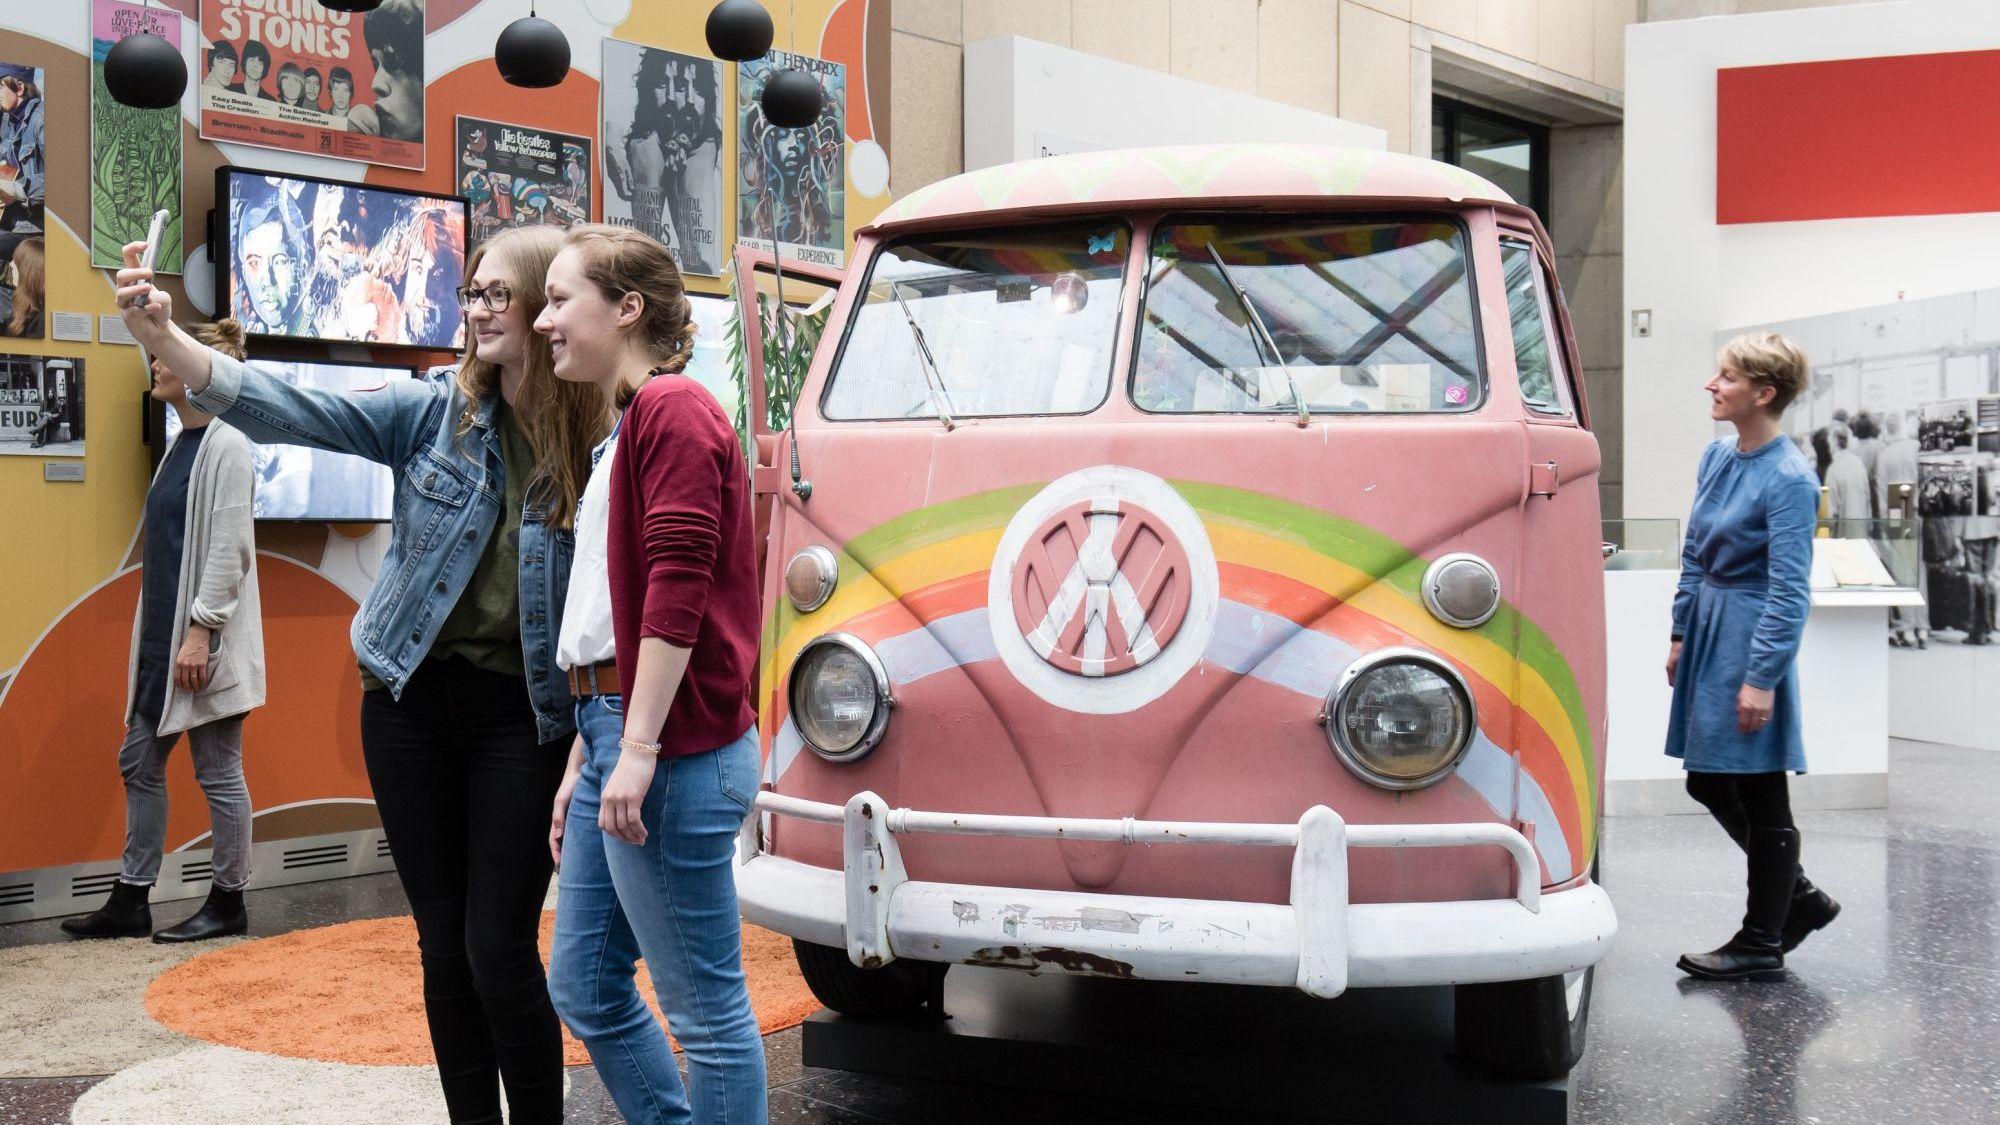 Zwei junge Frauen machen ein Selfie vor einem alten VW-Bus in der Ausstellung, der rosa gestrichen ist und ein Peace-Zeichen sowie einen Regenbogen auf die Front gemalt hat